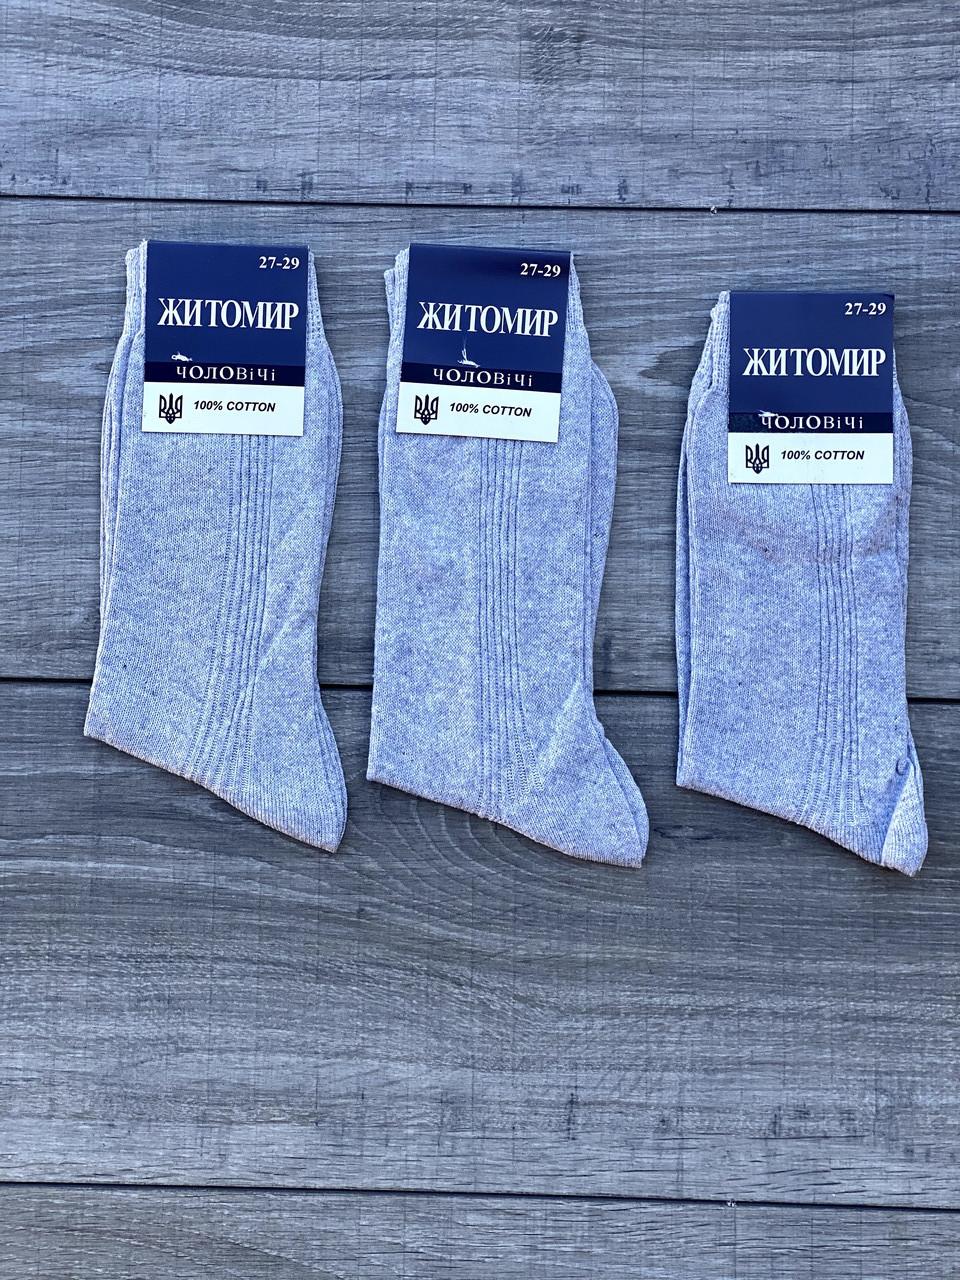 Шкарпетки чоловічі високі Житомир бавовна класичні 41-44 12 шт в уп сірі